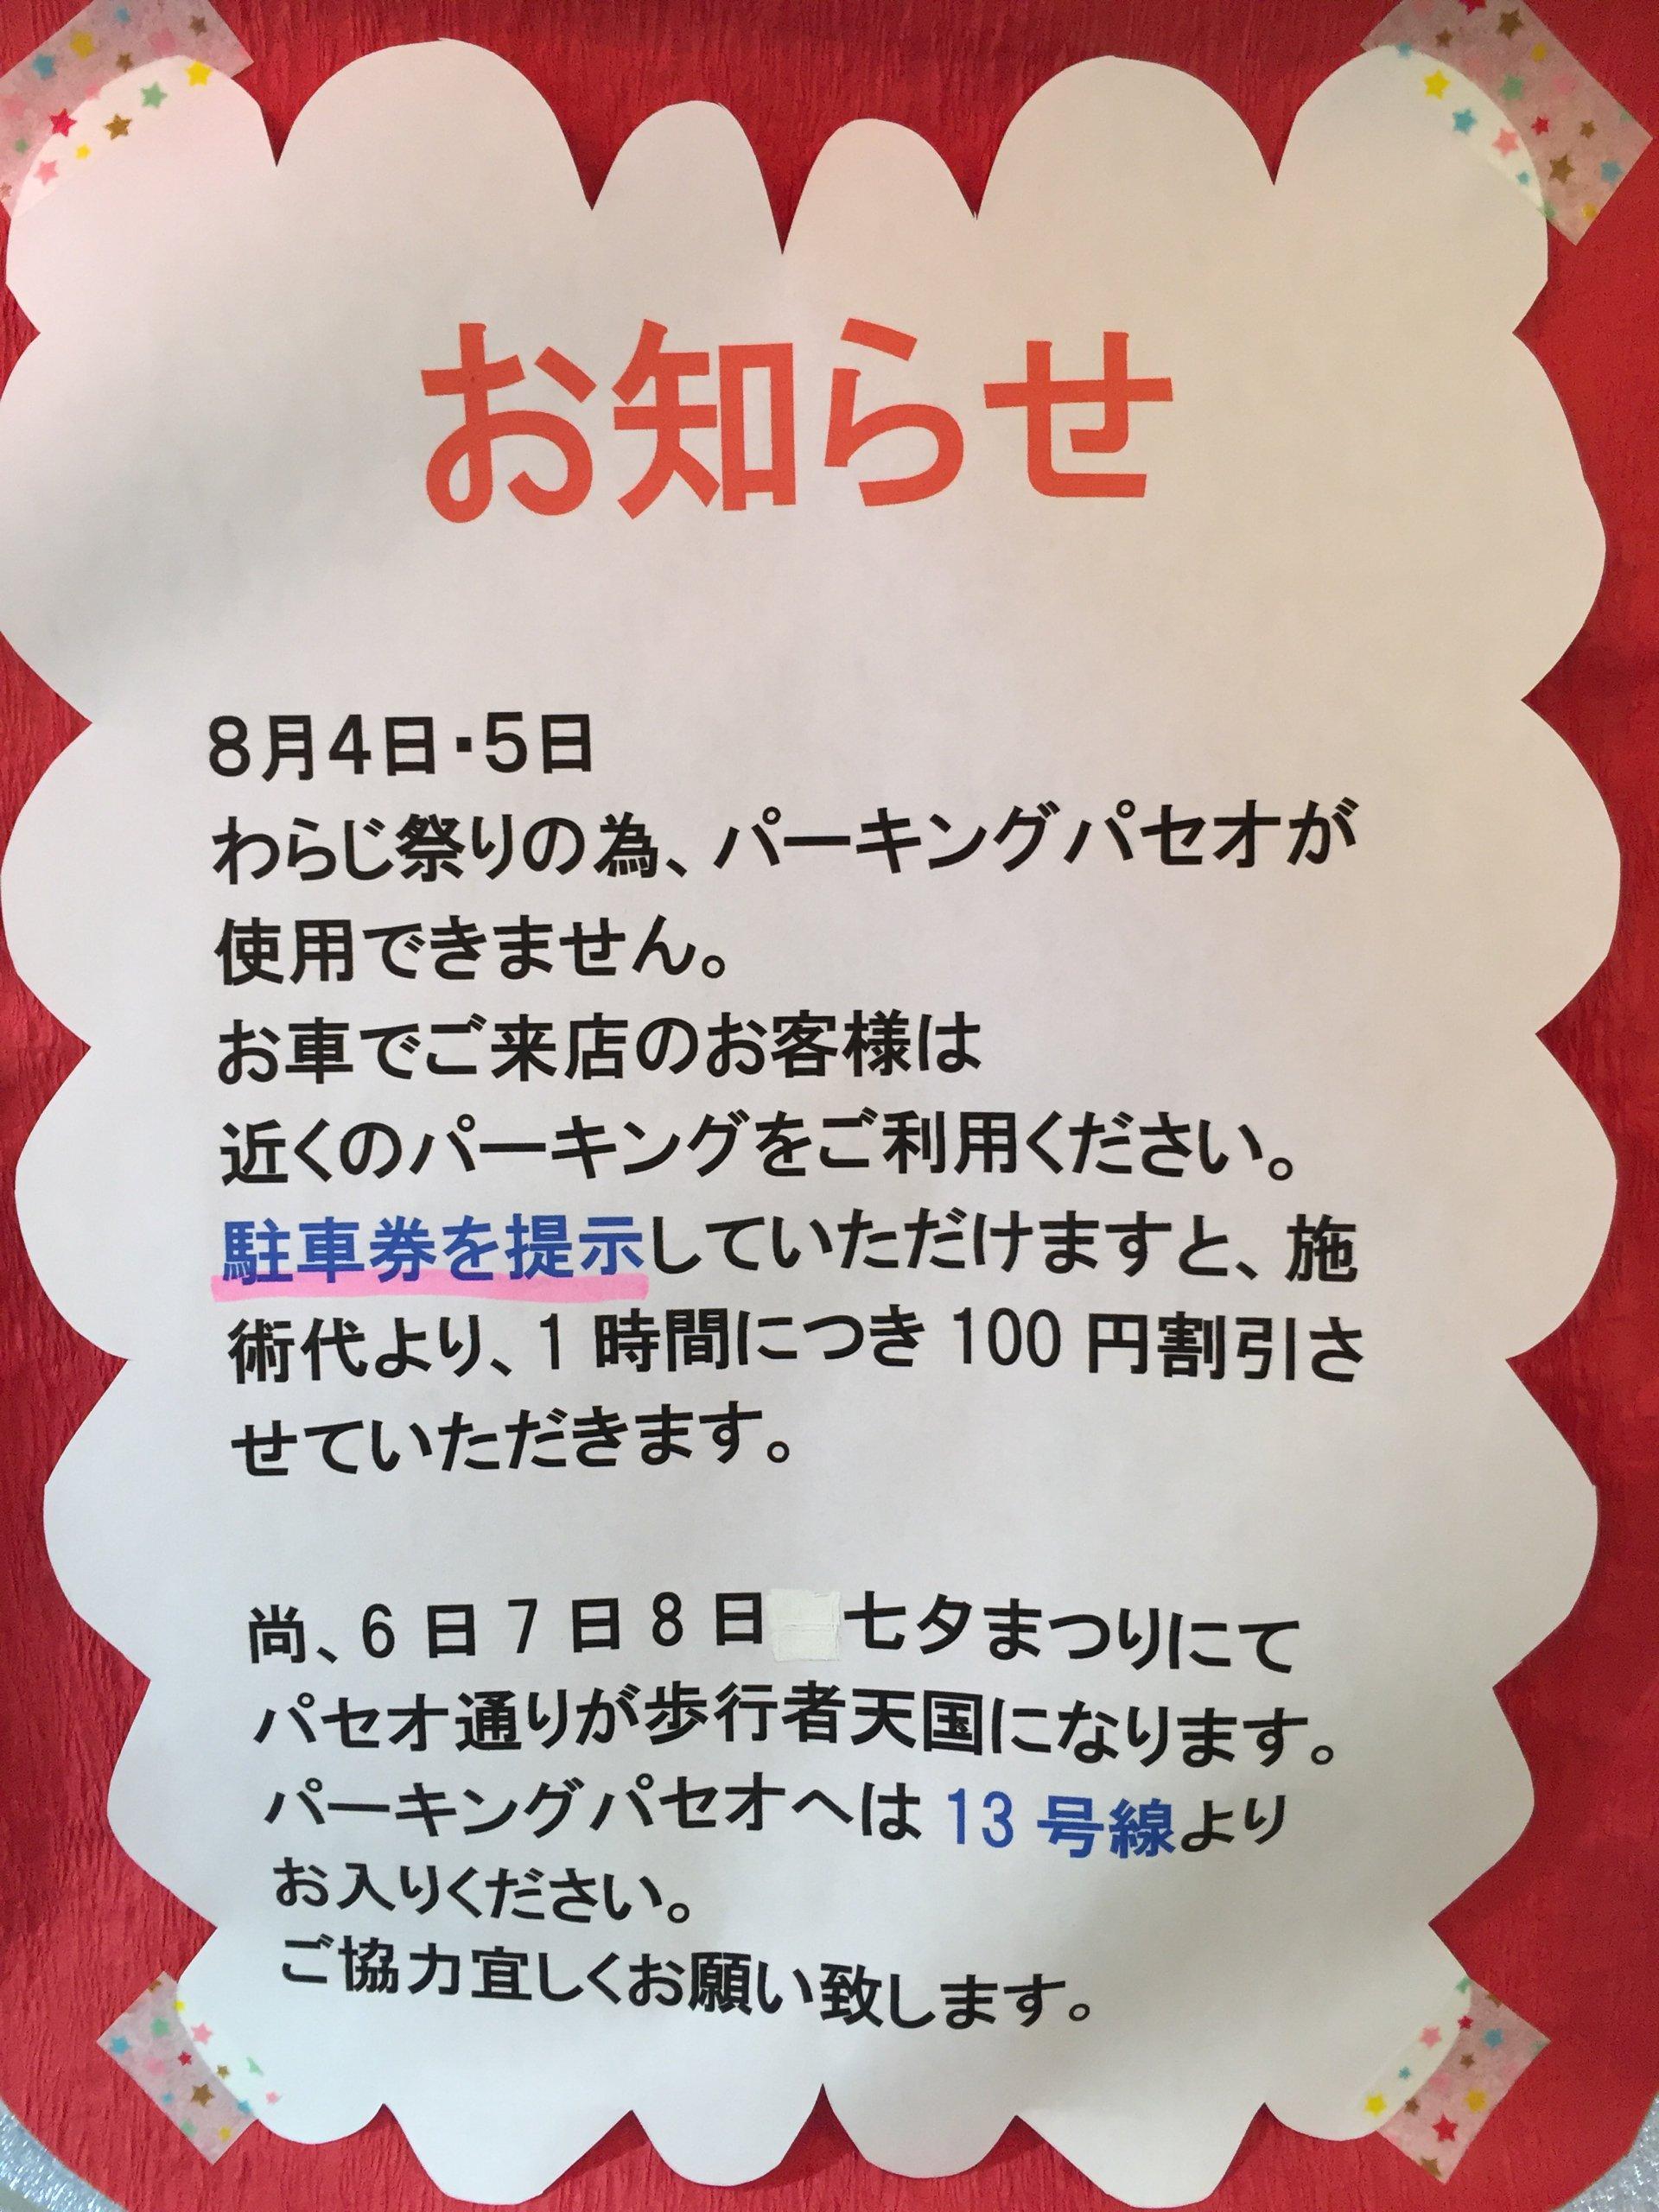 まつげ革命 | 福島市・エクステ・まつエク・ミッセ